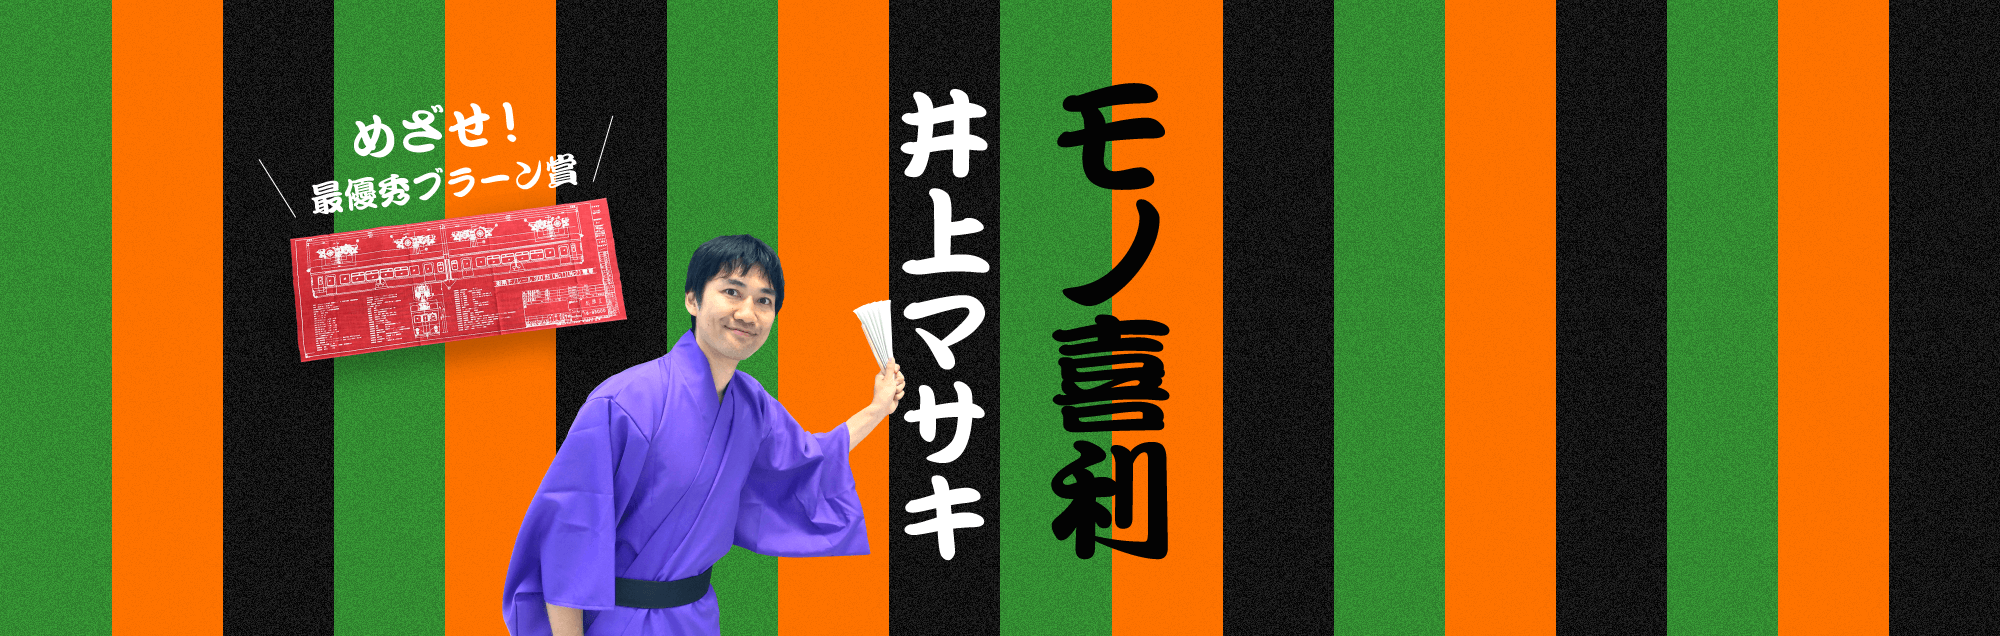 モノ喜利 モノ喜利(井上マサキ)